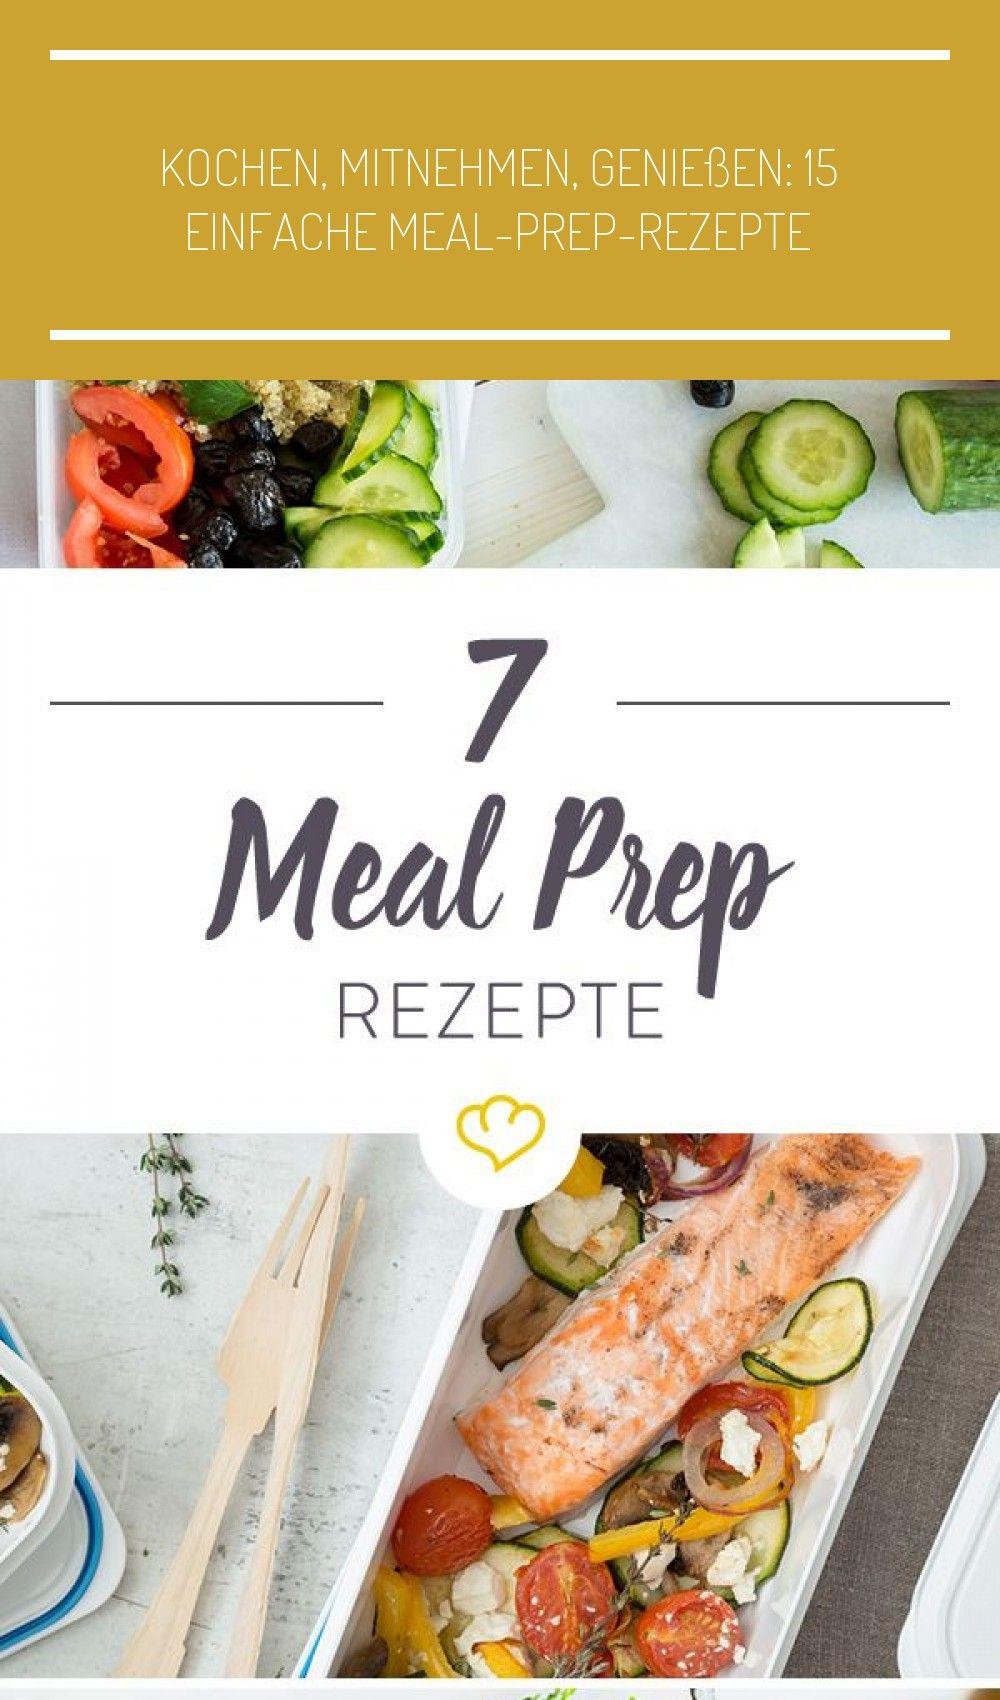 Meal Prep steht für Vorkochen und Mitnehmen der Mahlzeiten. Hier erfährst du etwas mehr zu dem neuen...